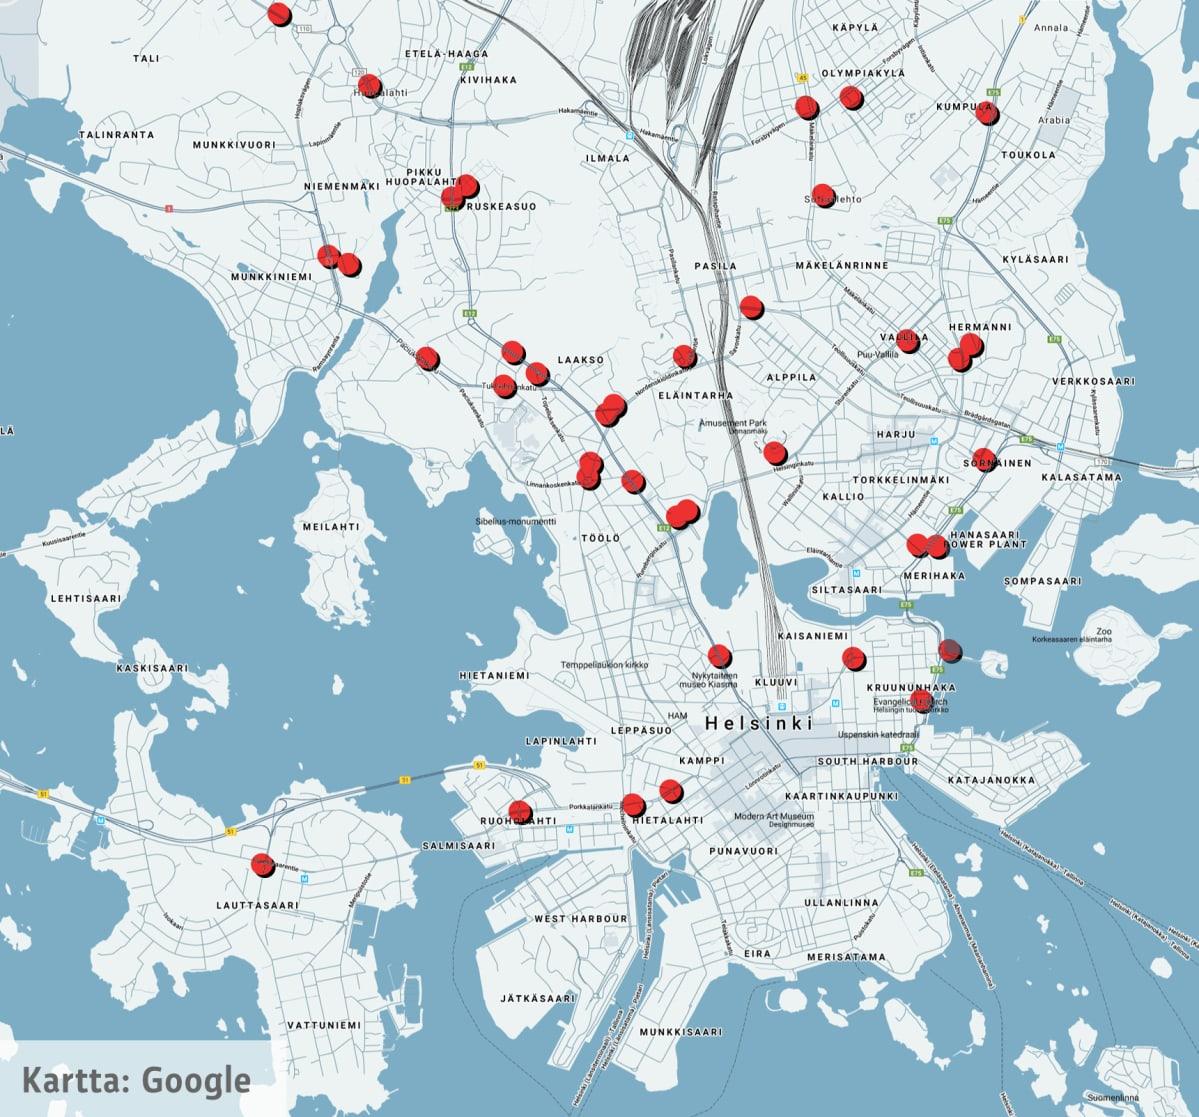 Uudet kamerapaikat Helsingin kartalla